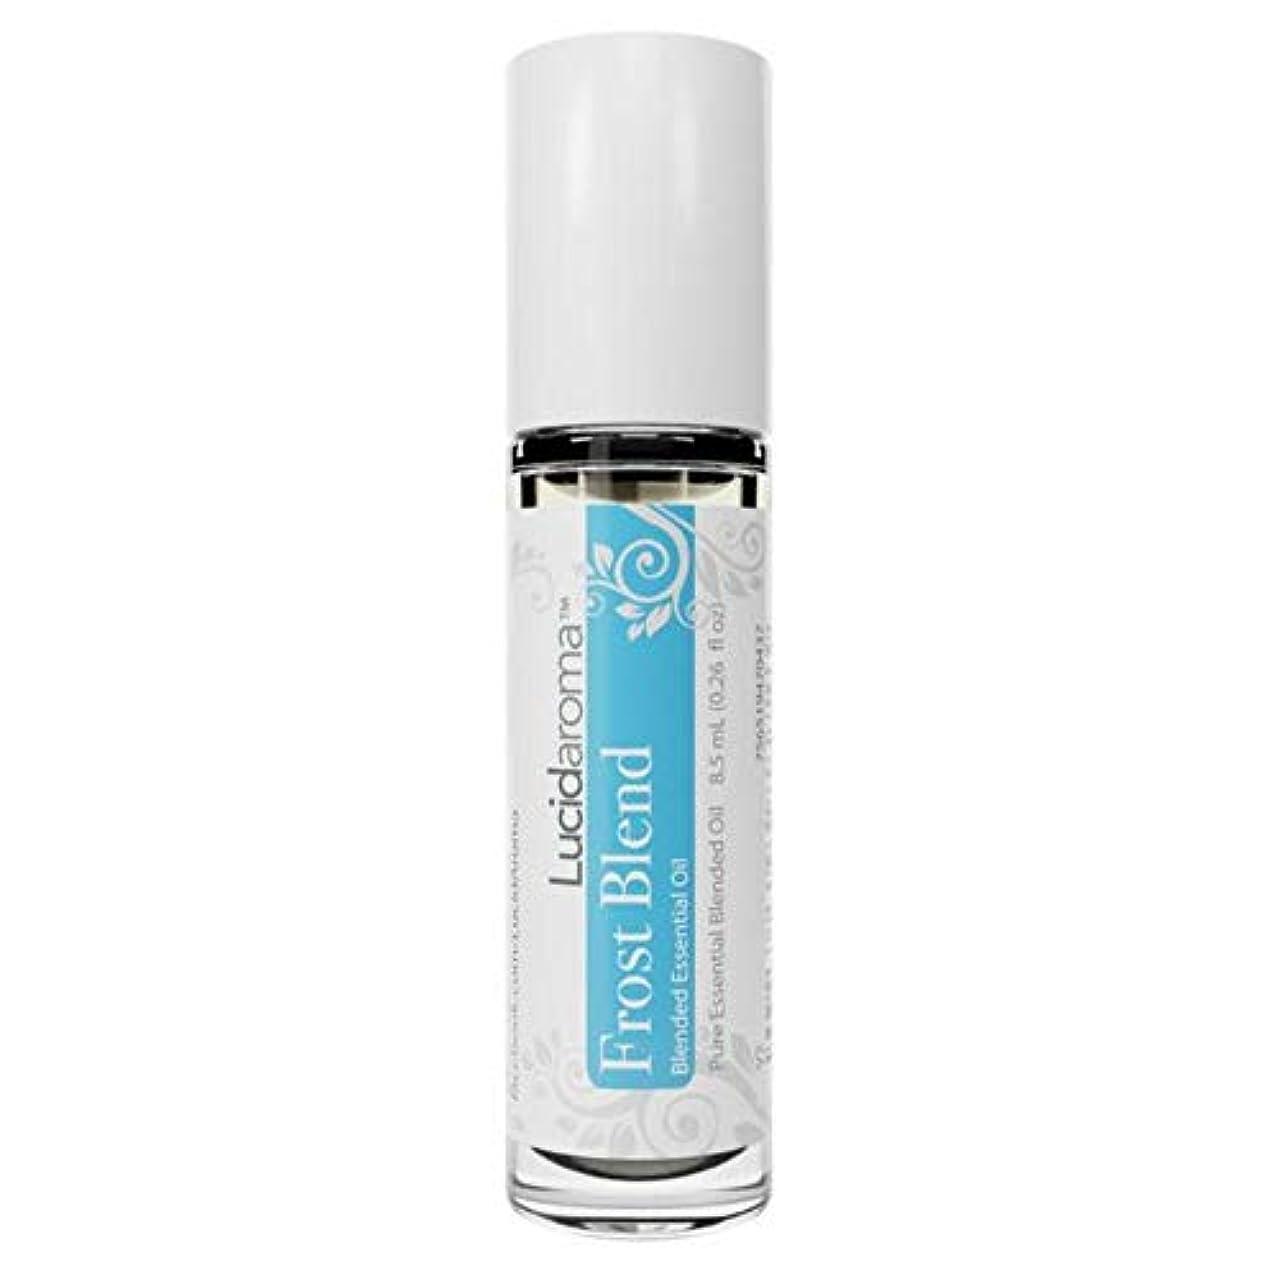 フットボール始まりからLucid Aroma Frost Blend フロスト ブレンド ロールオン アロマオイル 8.5mL (塗るアロマ) 100%天然 携帯便利 ピュア エッセンシャル アメリカ製